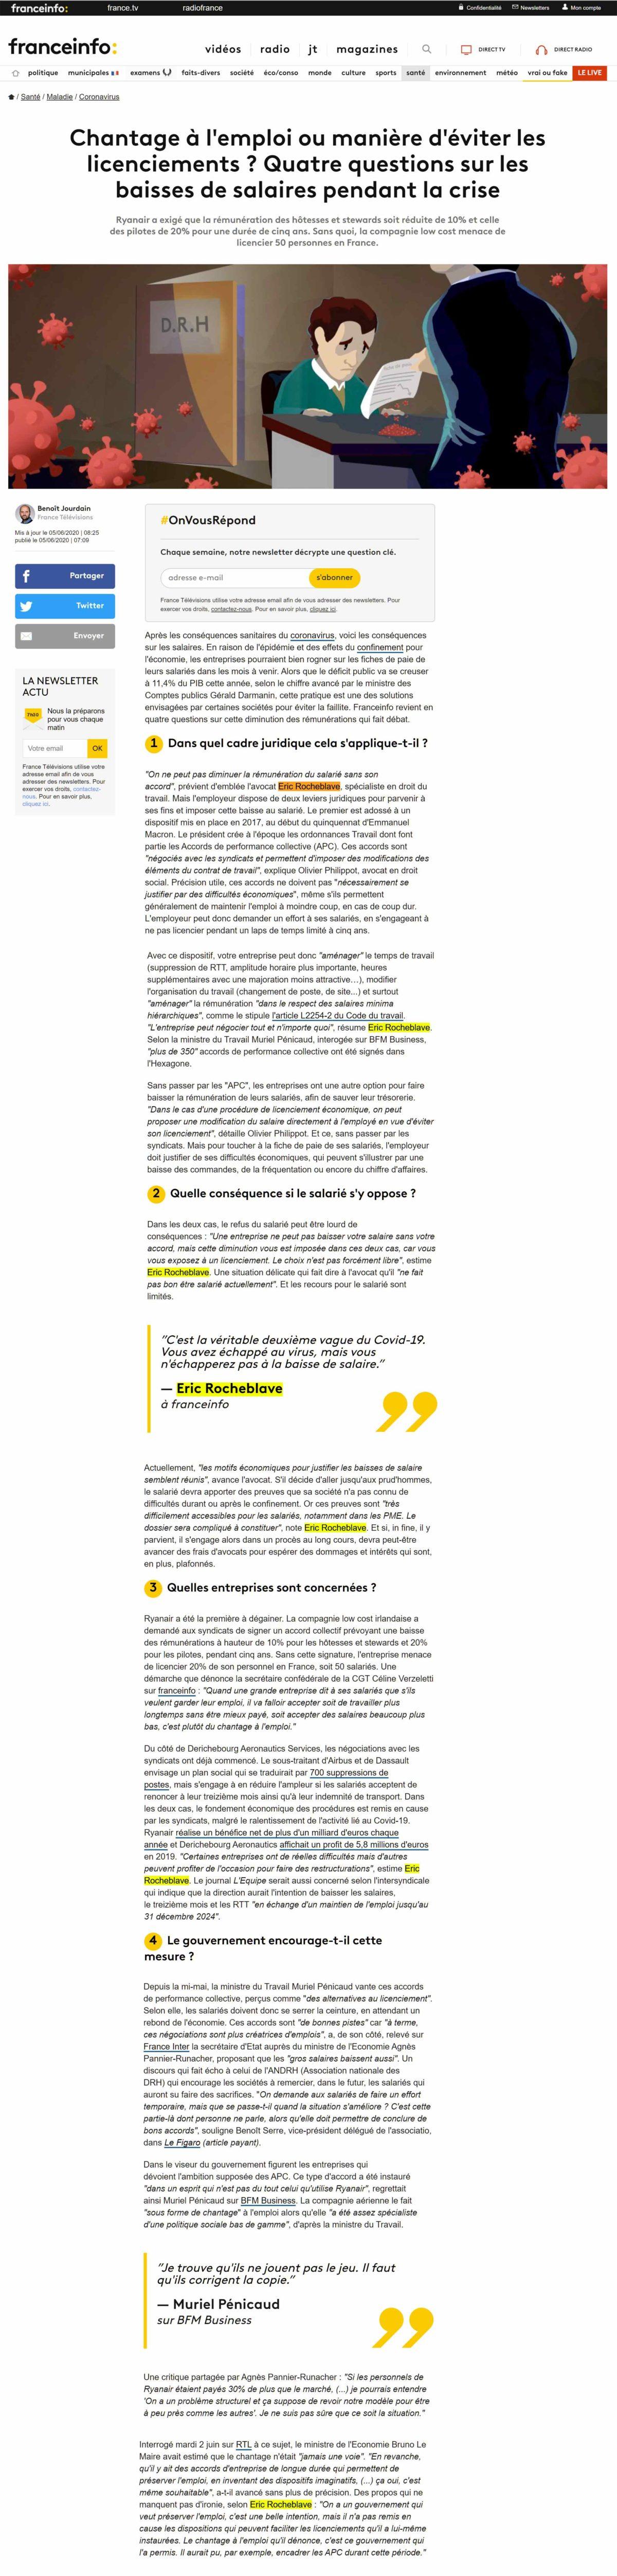 « Chantage à l'emploi ou manière d'éviter les licenciements ? Quatre questions sur les baisses de salaires pendant la crise » Interview franceinfo: de Maître Eric ROCHEBLAVE